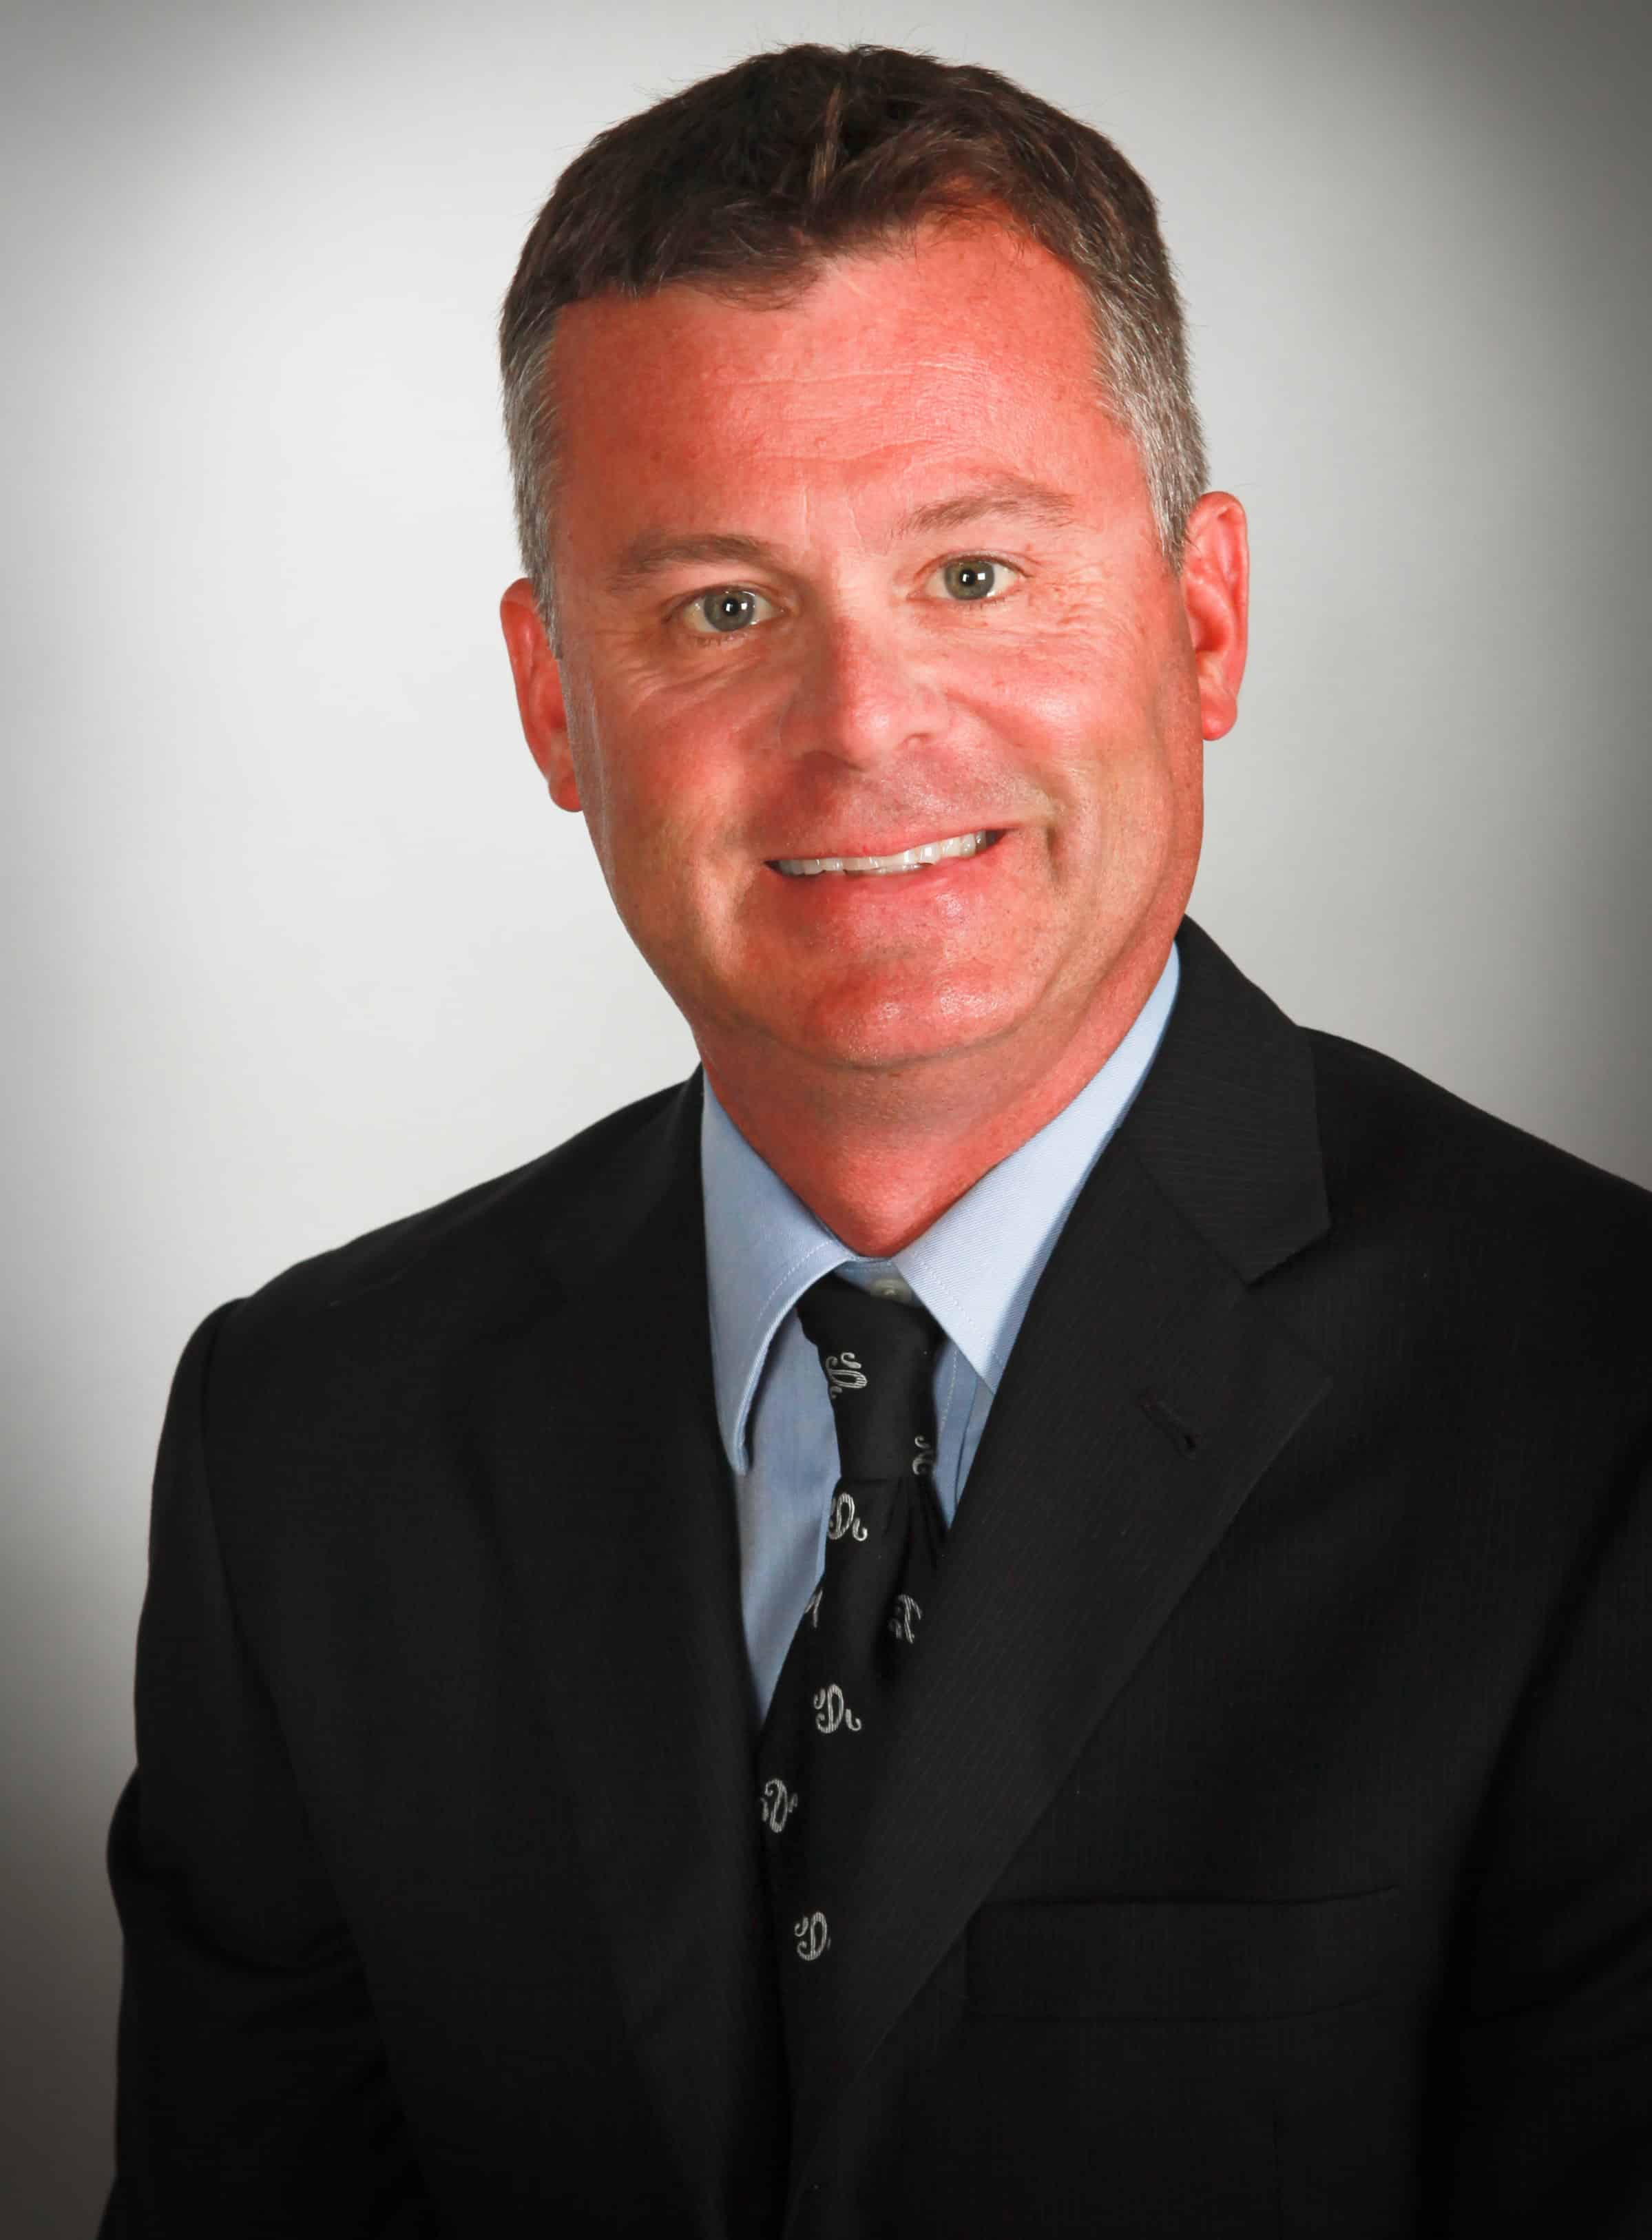 Brian Castonguay